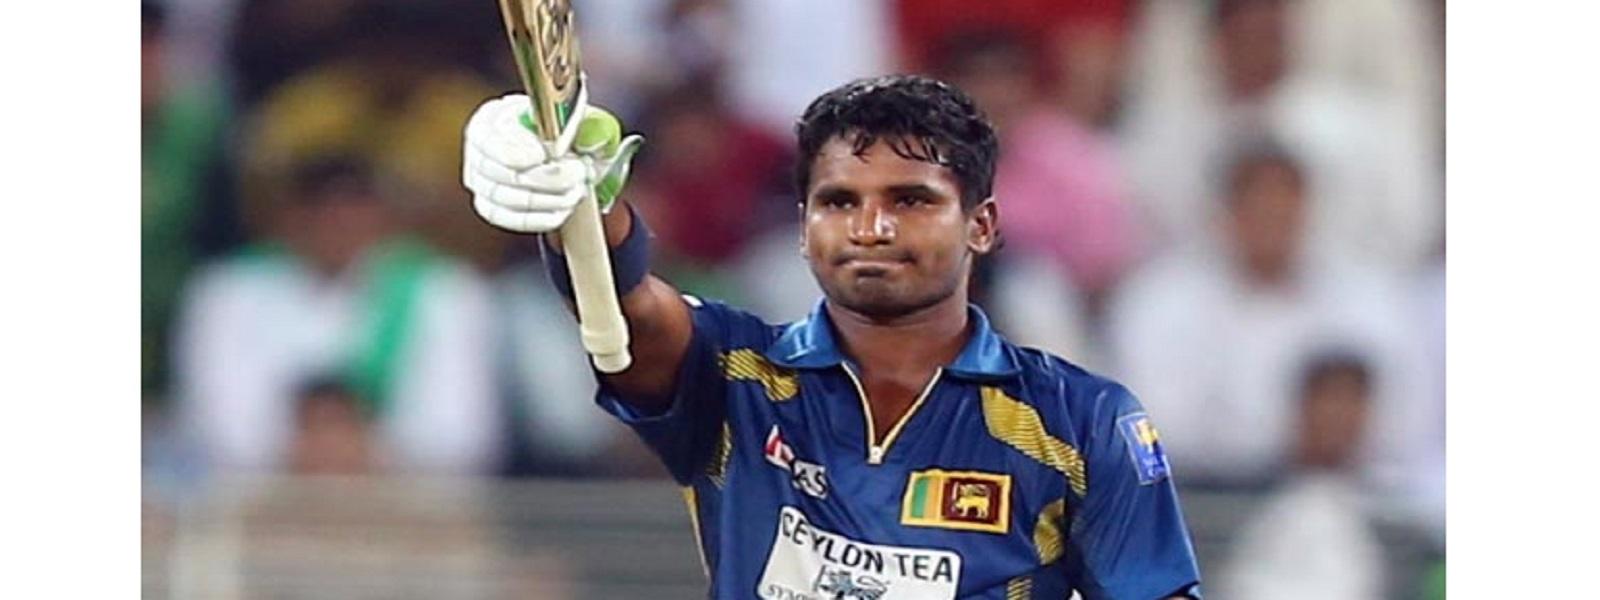 இலங்கை T20 அணியின் தலைவராக குசால் பெரேரா நியமனம்